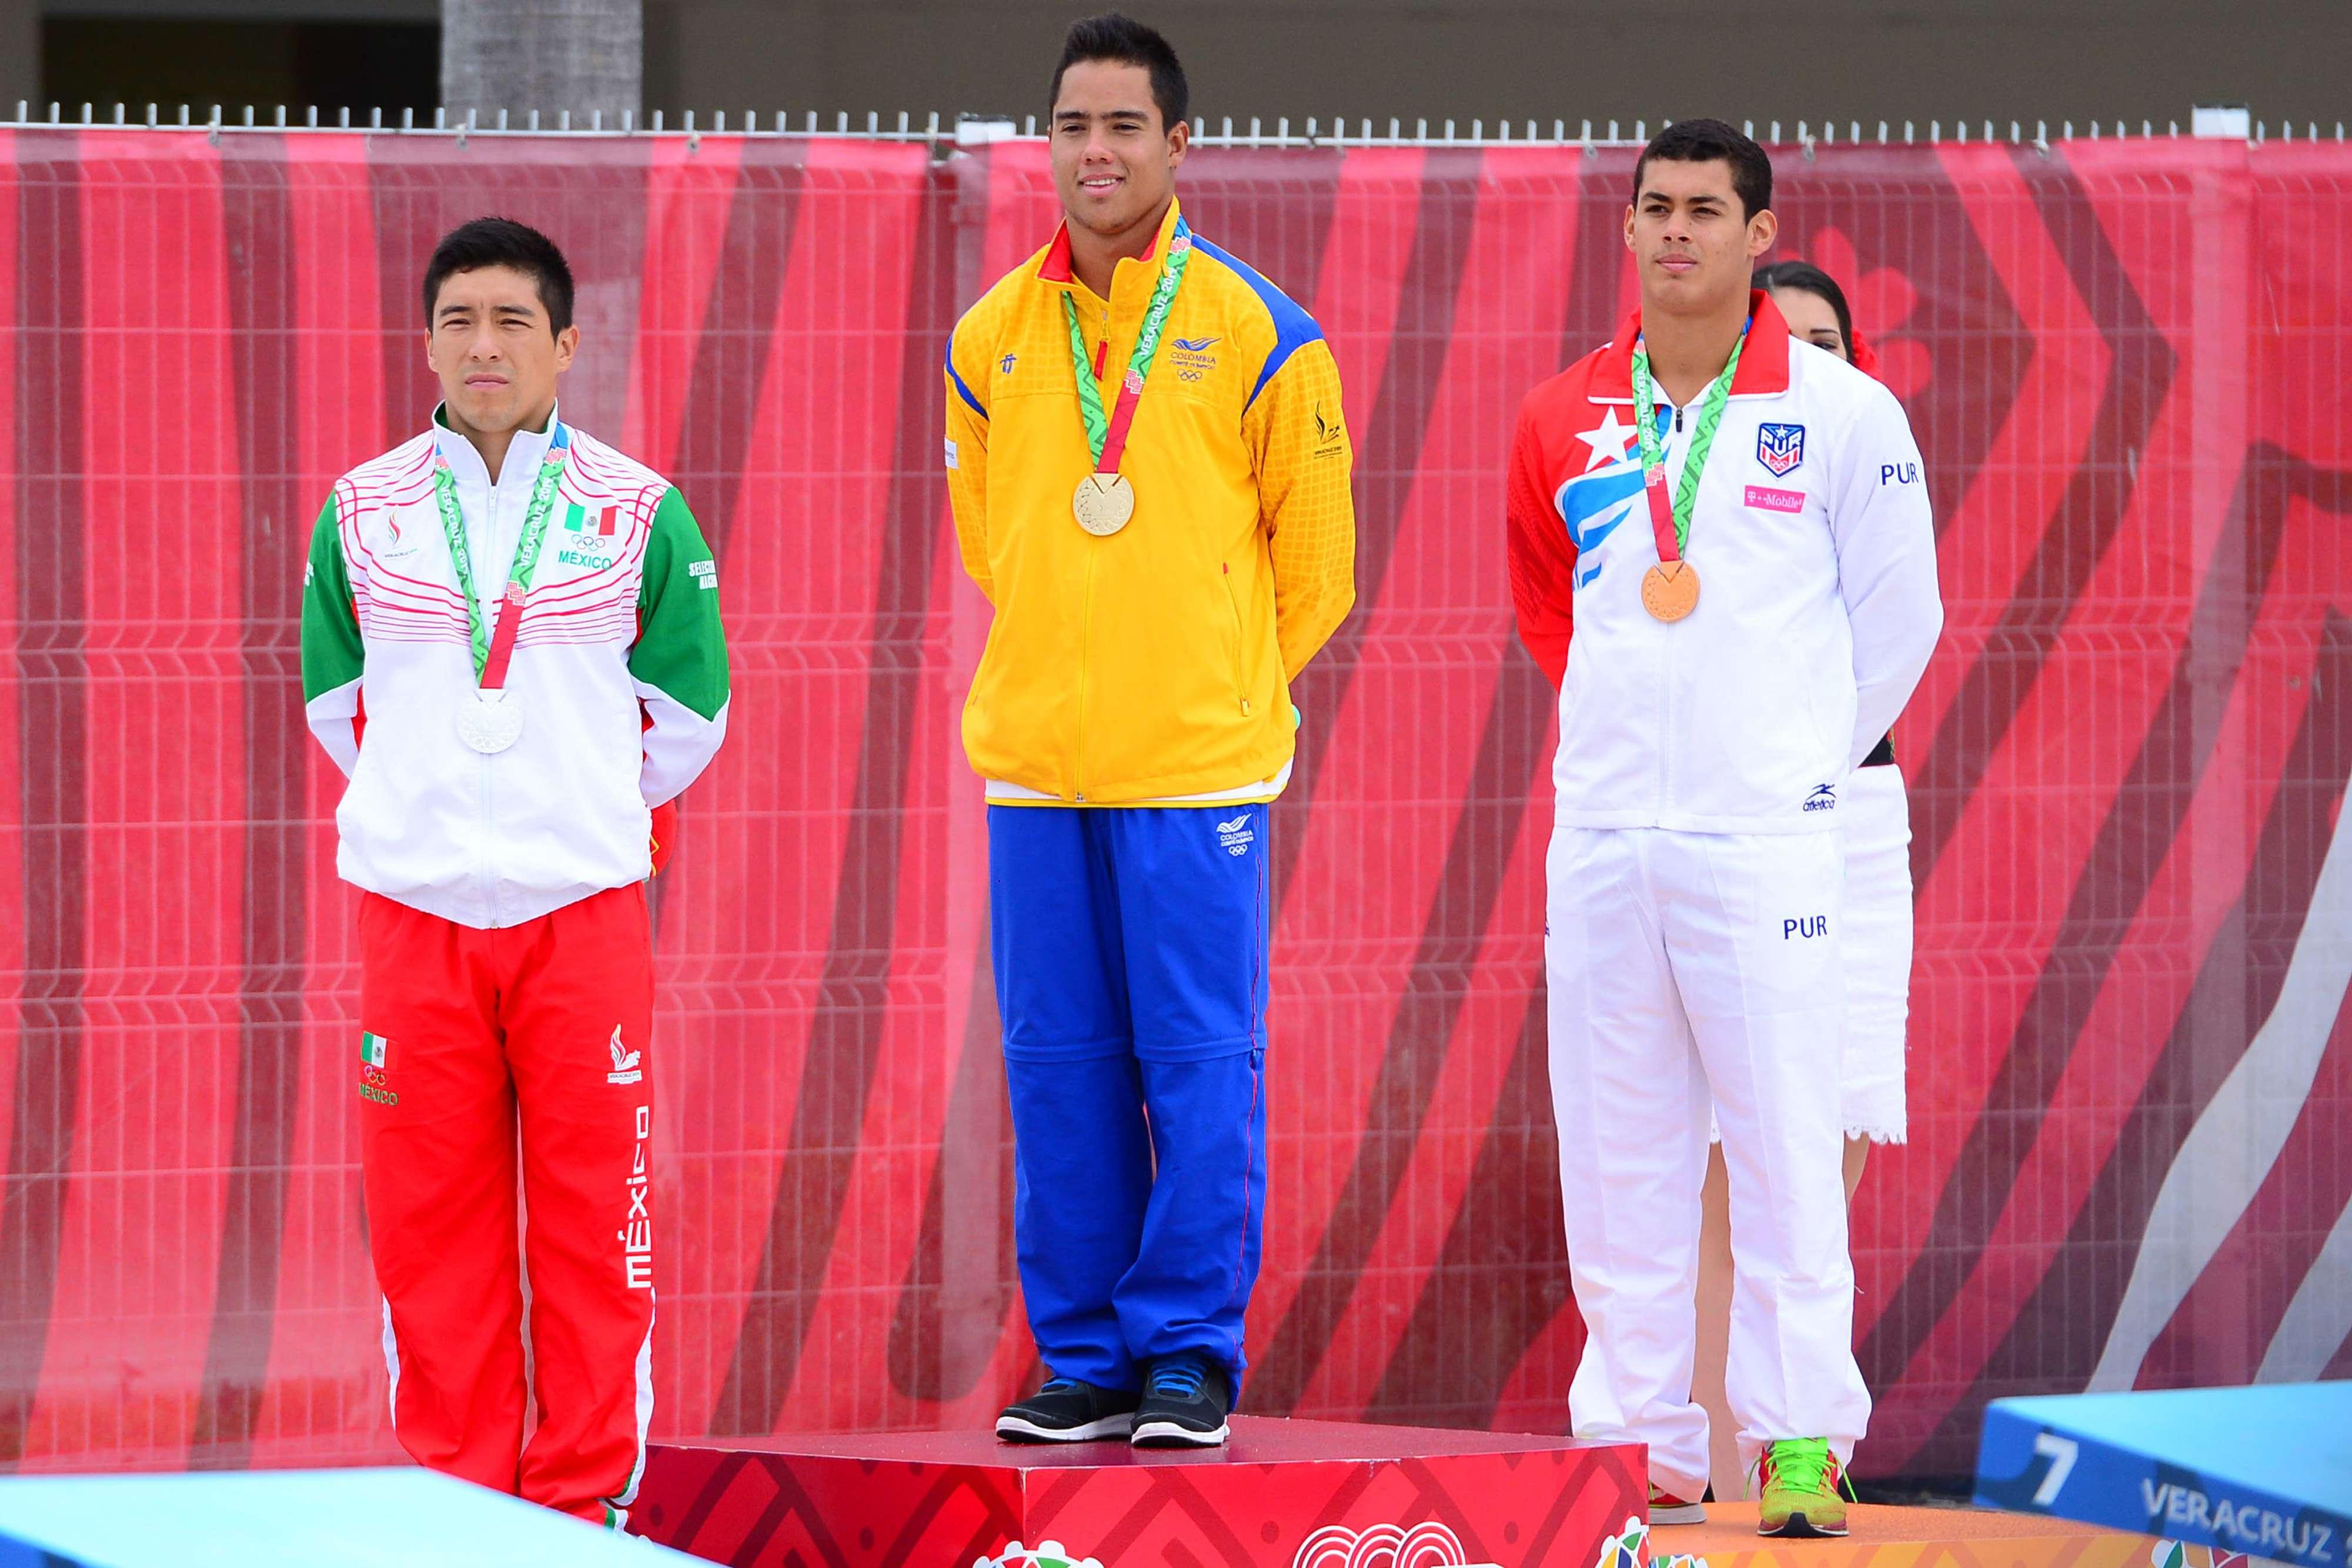 Colombia sube a lo más alto del podio. Foto: Mexsport